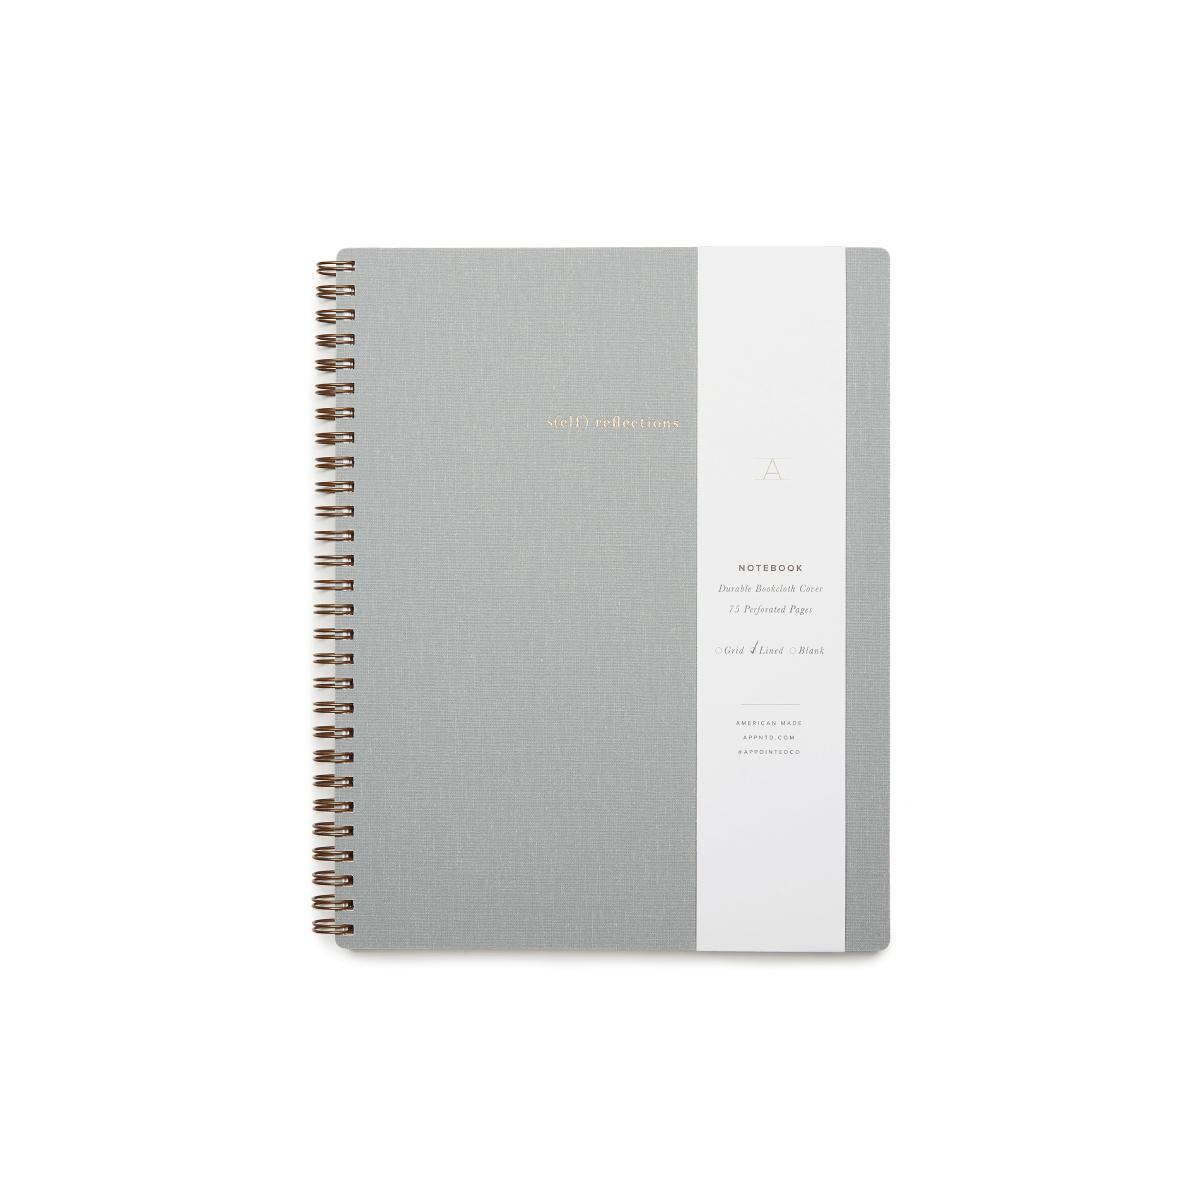 goop x Appointed goop Exclusive, s(elf) reflections Notebook